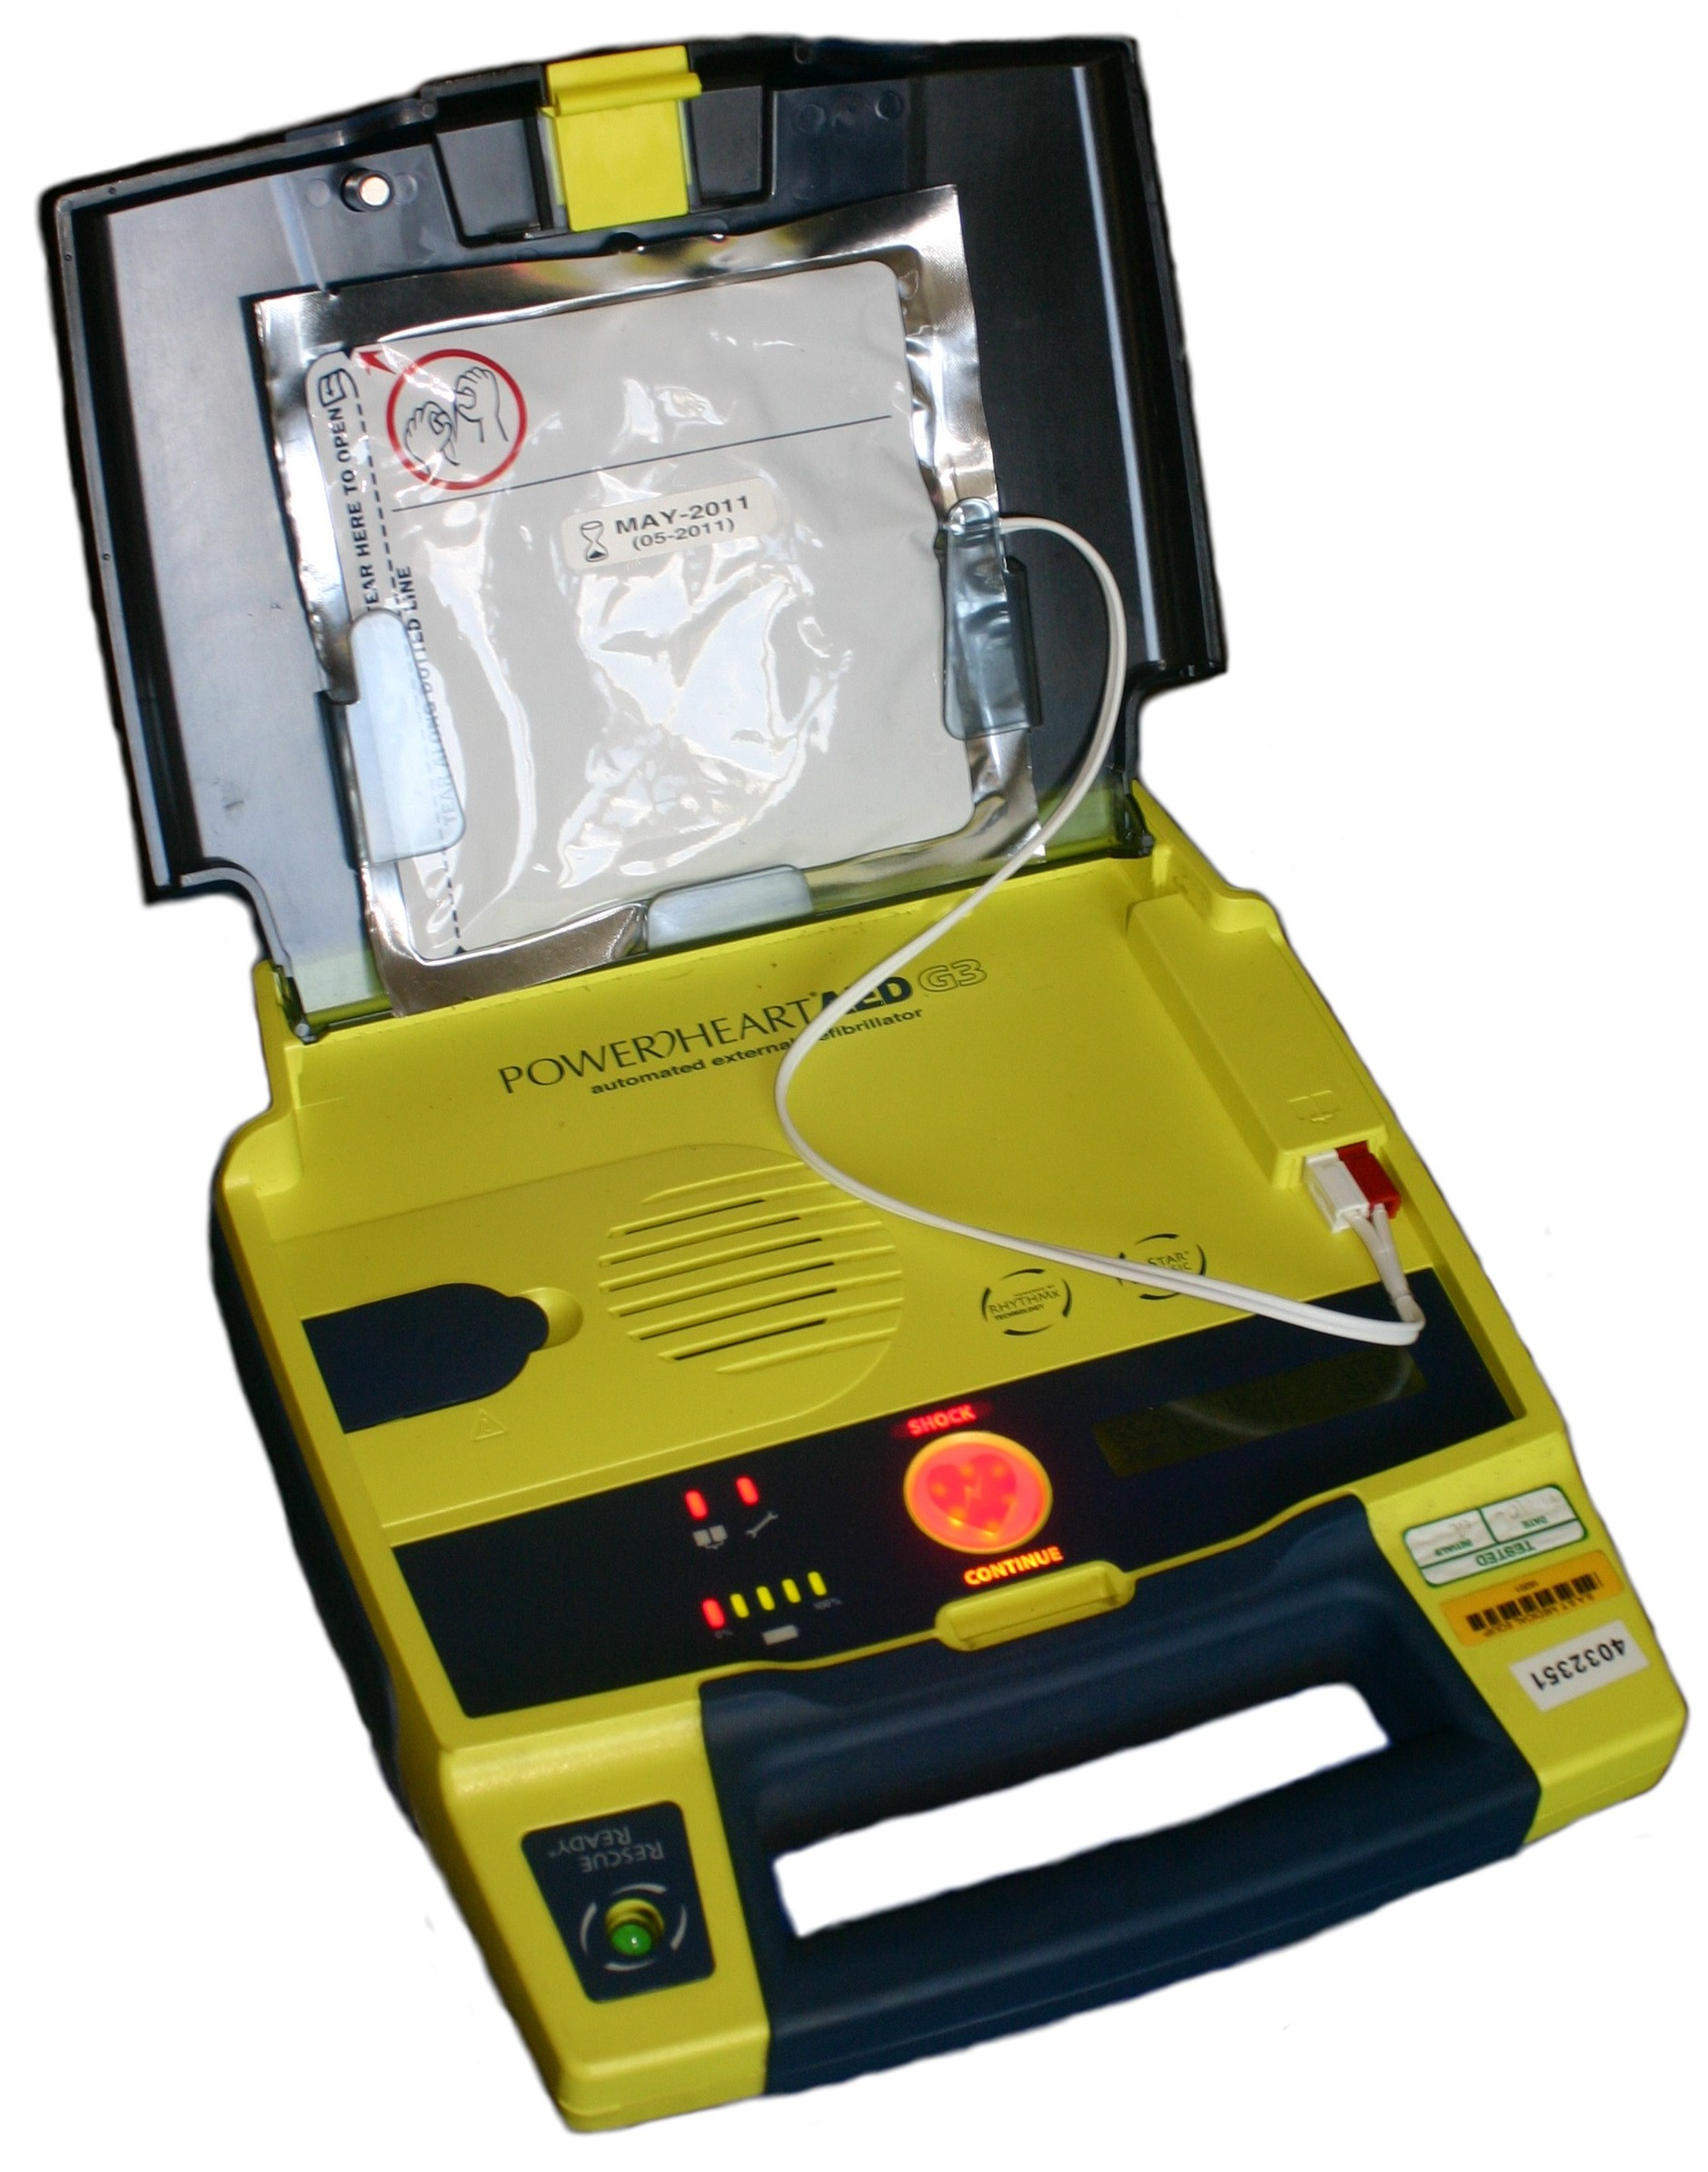 Automatický defibrilátor, určený pre použitie laikom. Samolepiace elektródy sú pripravené vo veku prístroja. Defibrilátor vie rozprávať - diktuje záchrancovi, čo má urobiť, netreba sa zdržovať čítaním nejakého návodu. Potrebu e